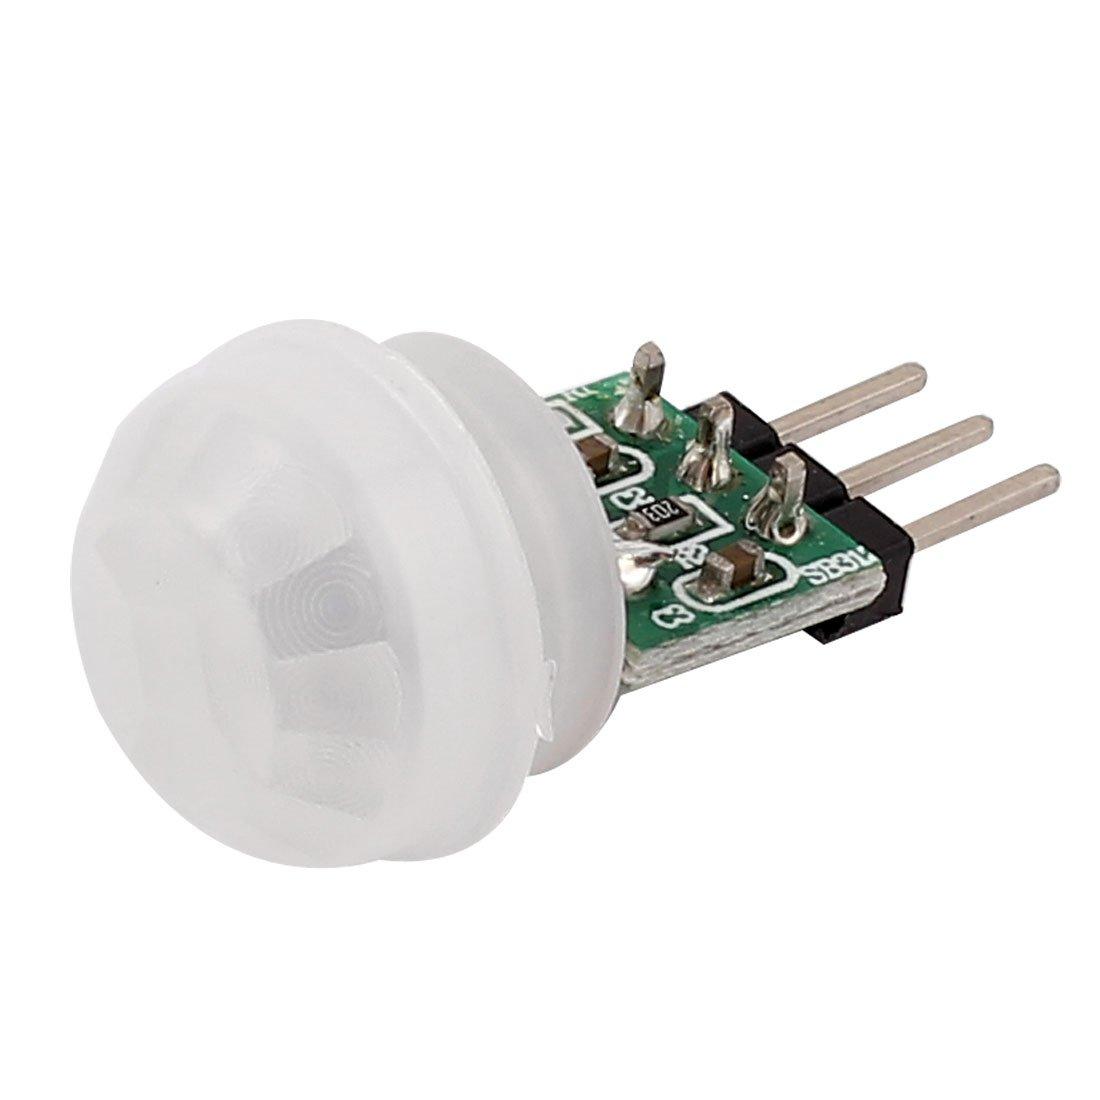 SOURCING MAP Mini Pyroel/étrico PIR Sensor M/ódulo Movimiento de Cuerpo Humano Infrarrojo Detecci/ón Tabla